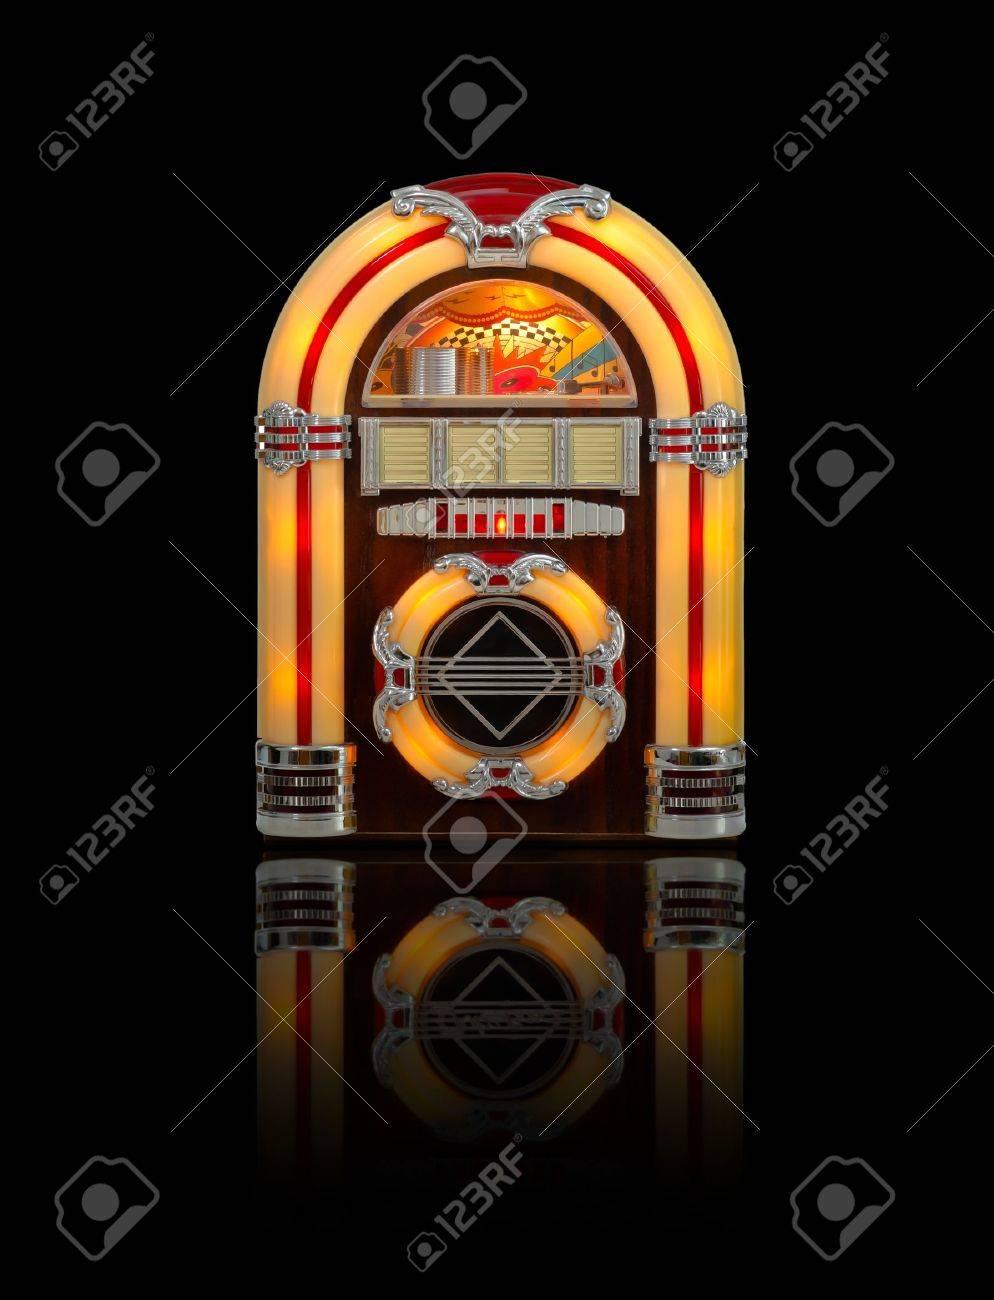 Retro Jukebox Radio Isolated On Black Background With Reflection 994x1300